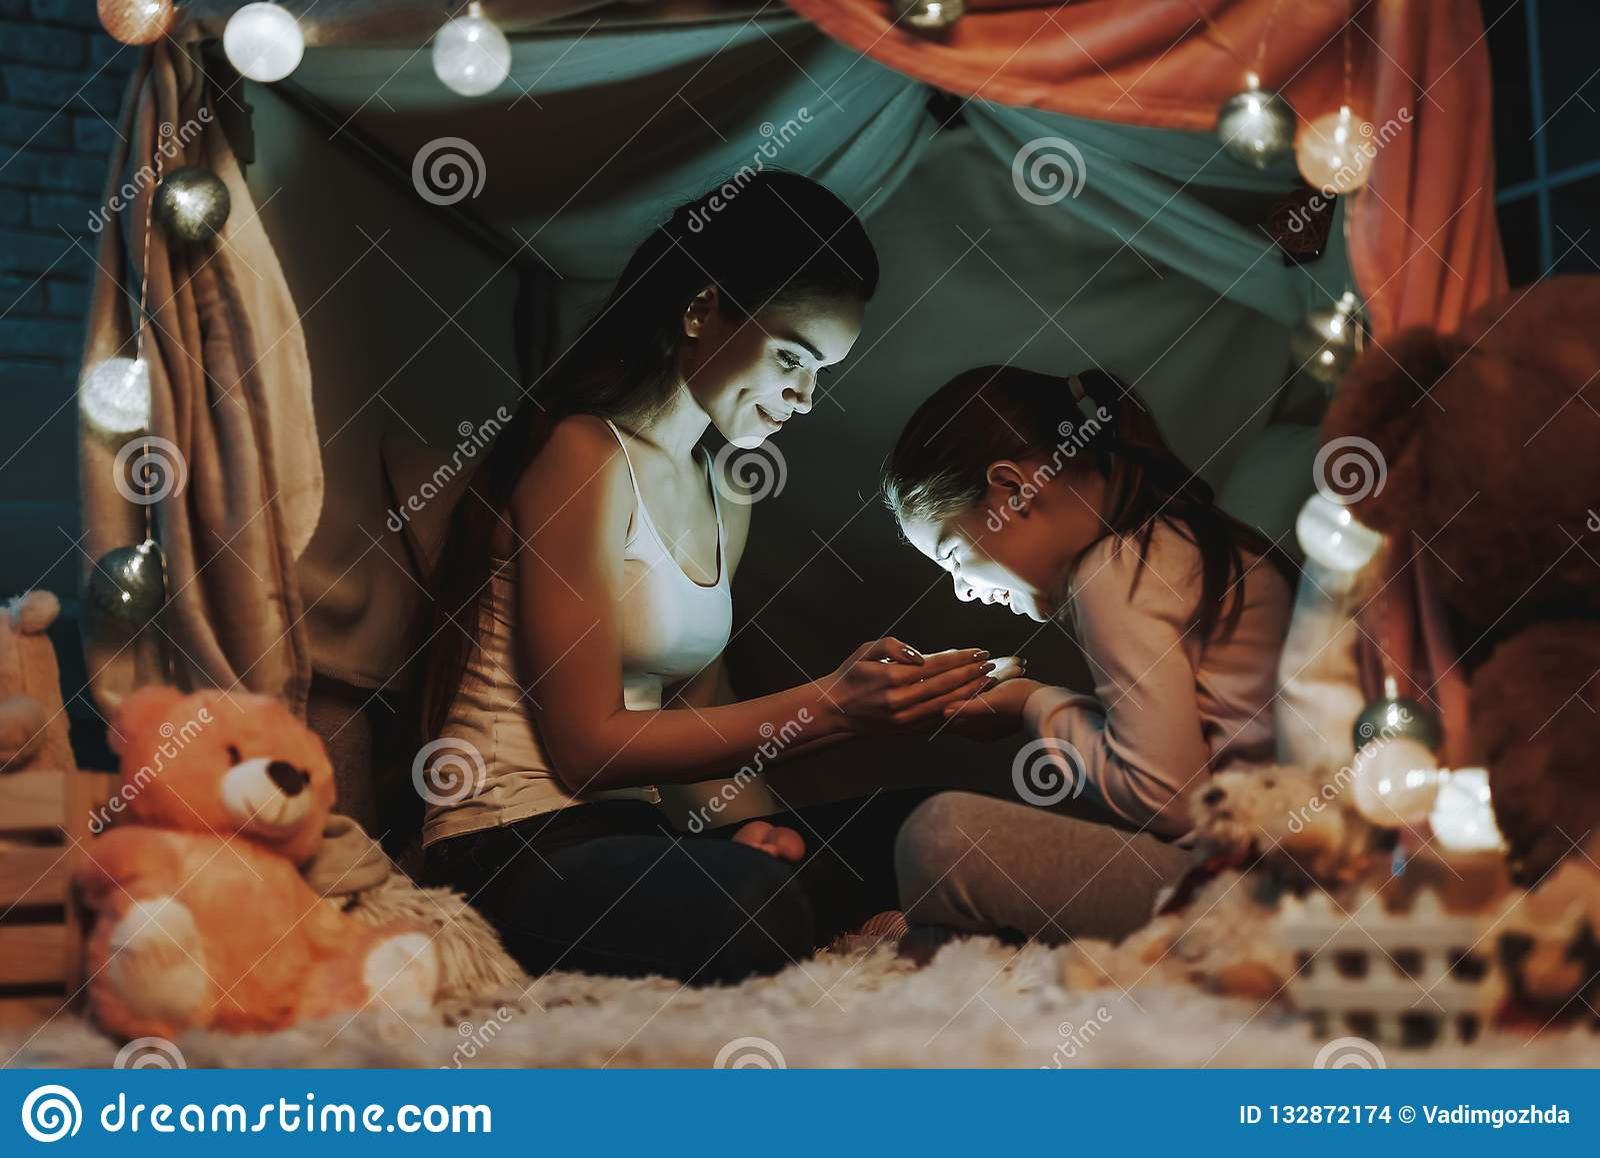 Мать и дочь держат свет в руках